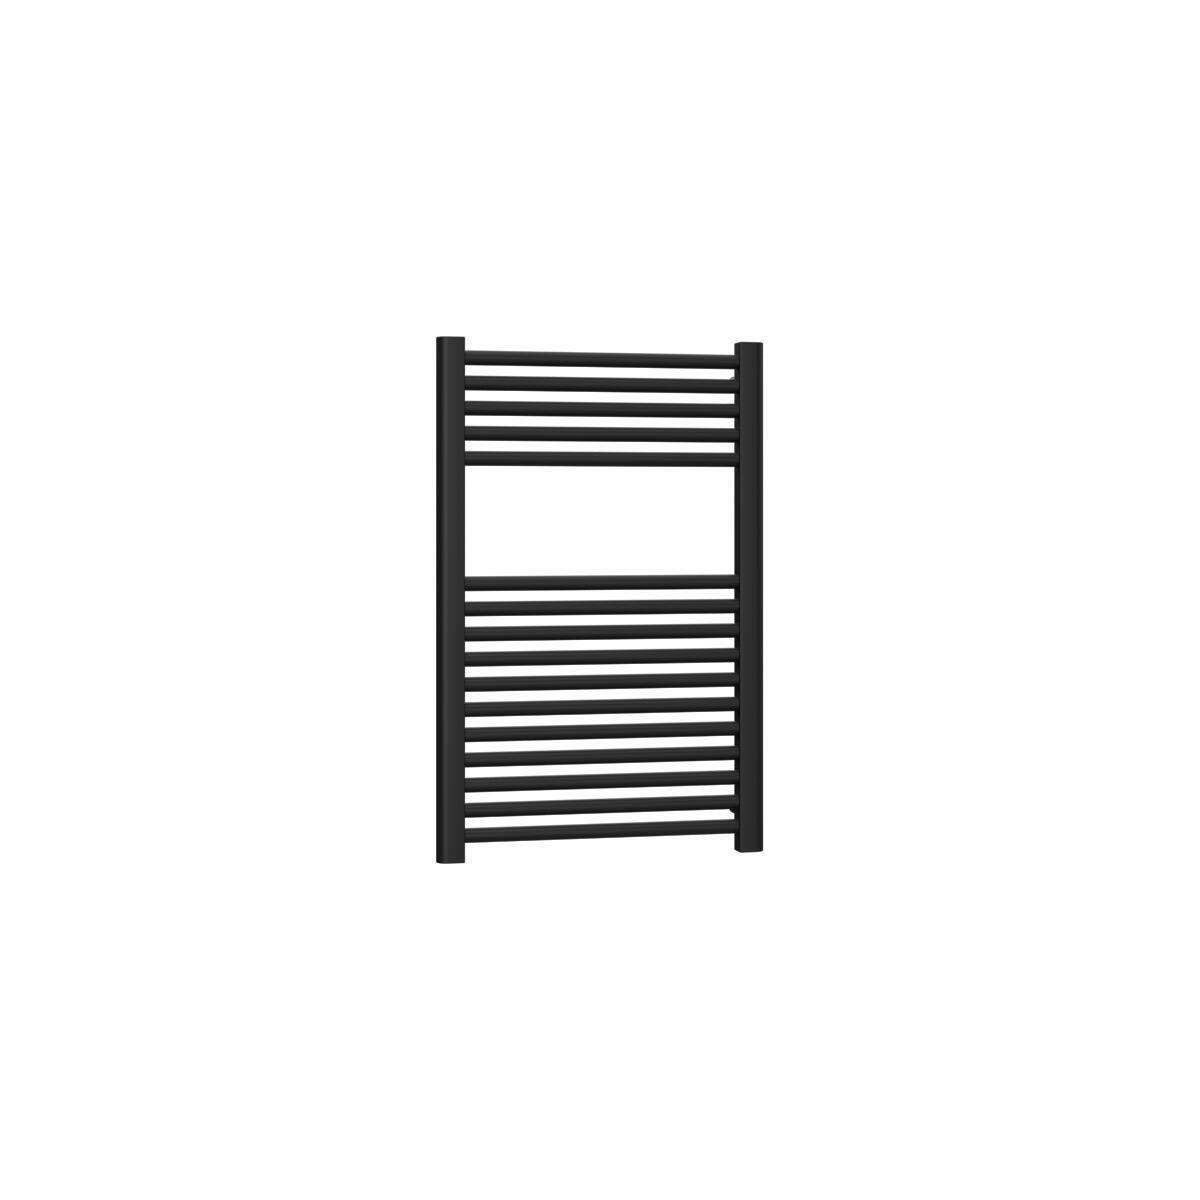 Termoarredo nero opaco interasse 55 cm x H 77 cm